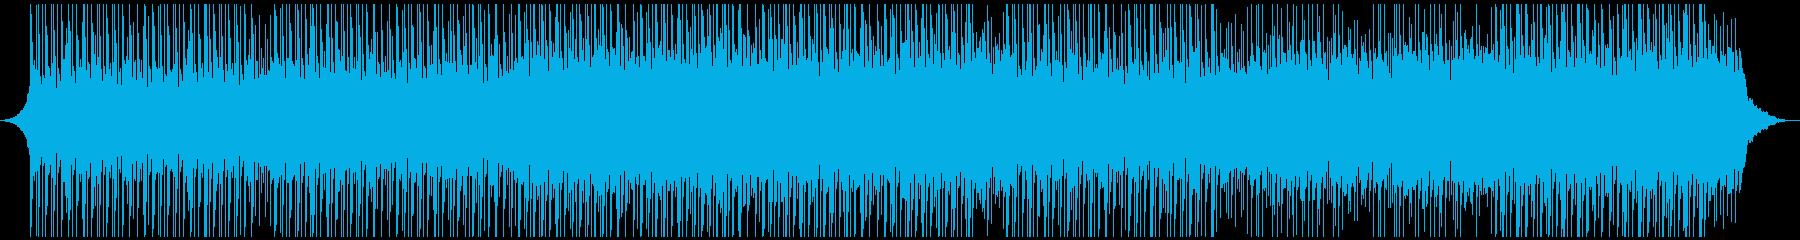 感動、高揚、楽観的な企業音楽の再生済みの波形